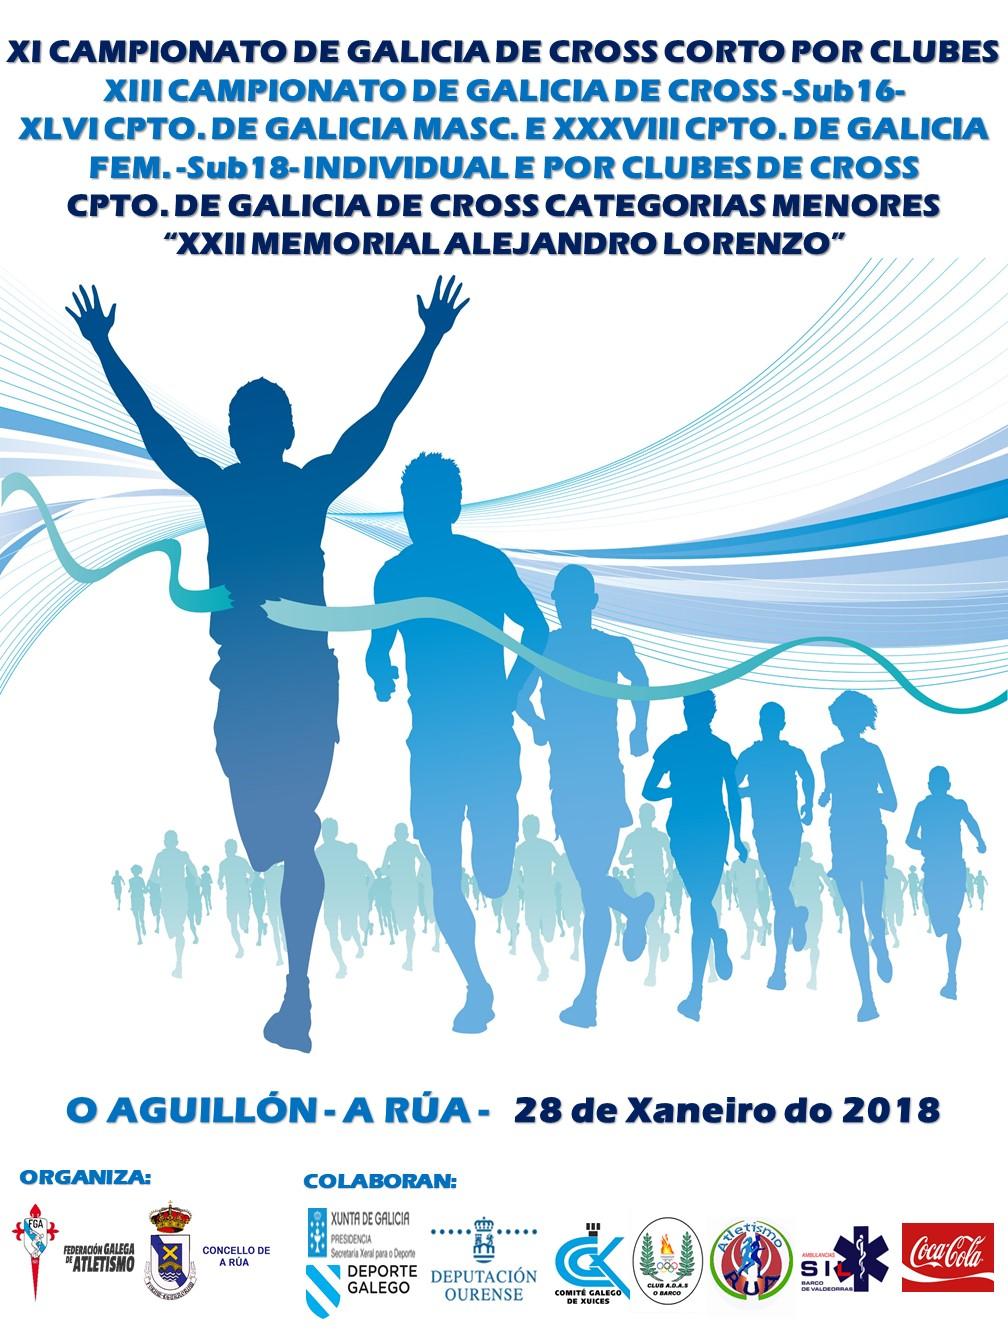 XI Campionato de Galicia de Cros Curto por Clubs